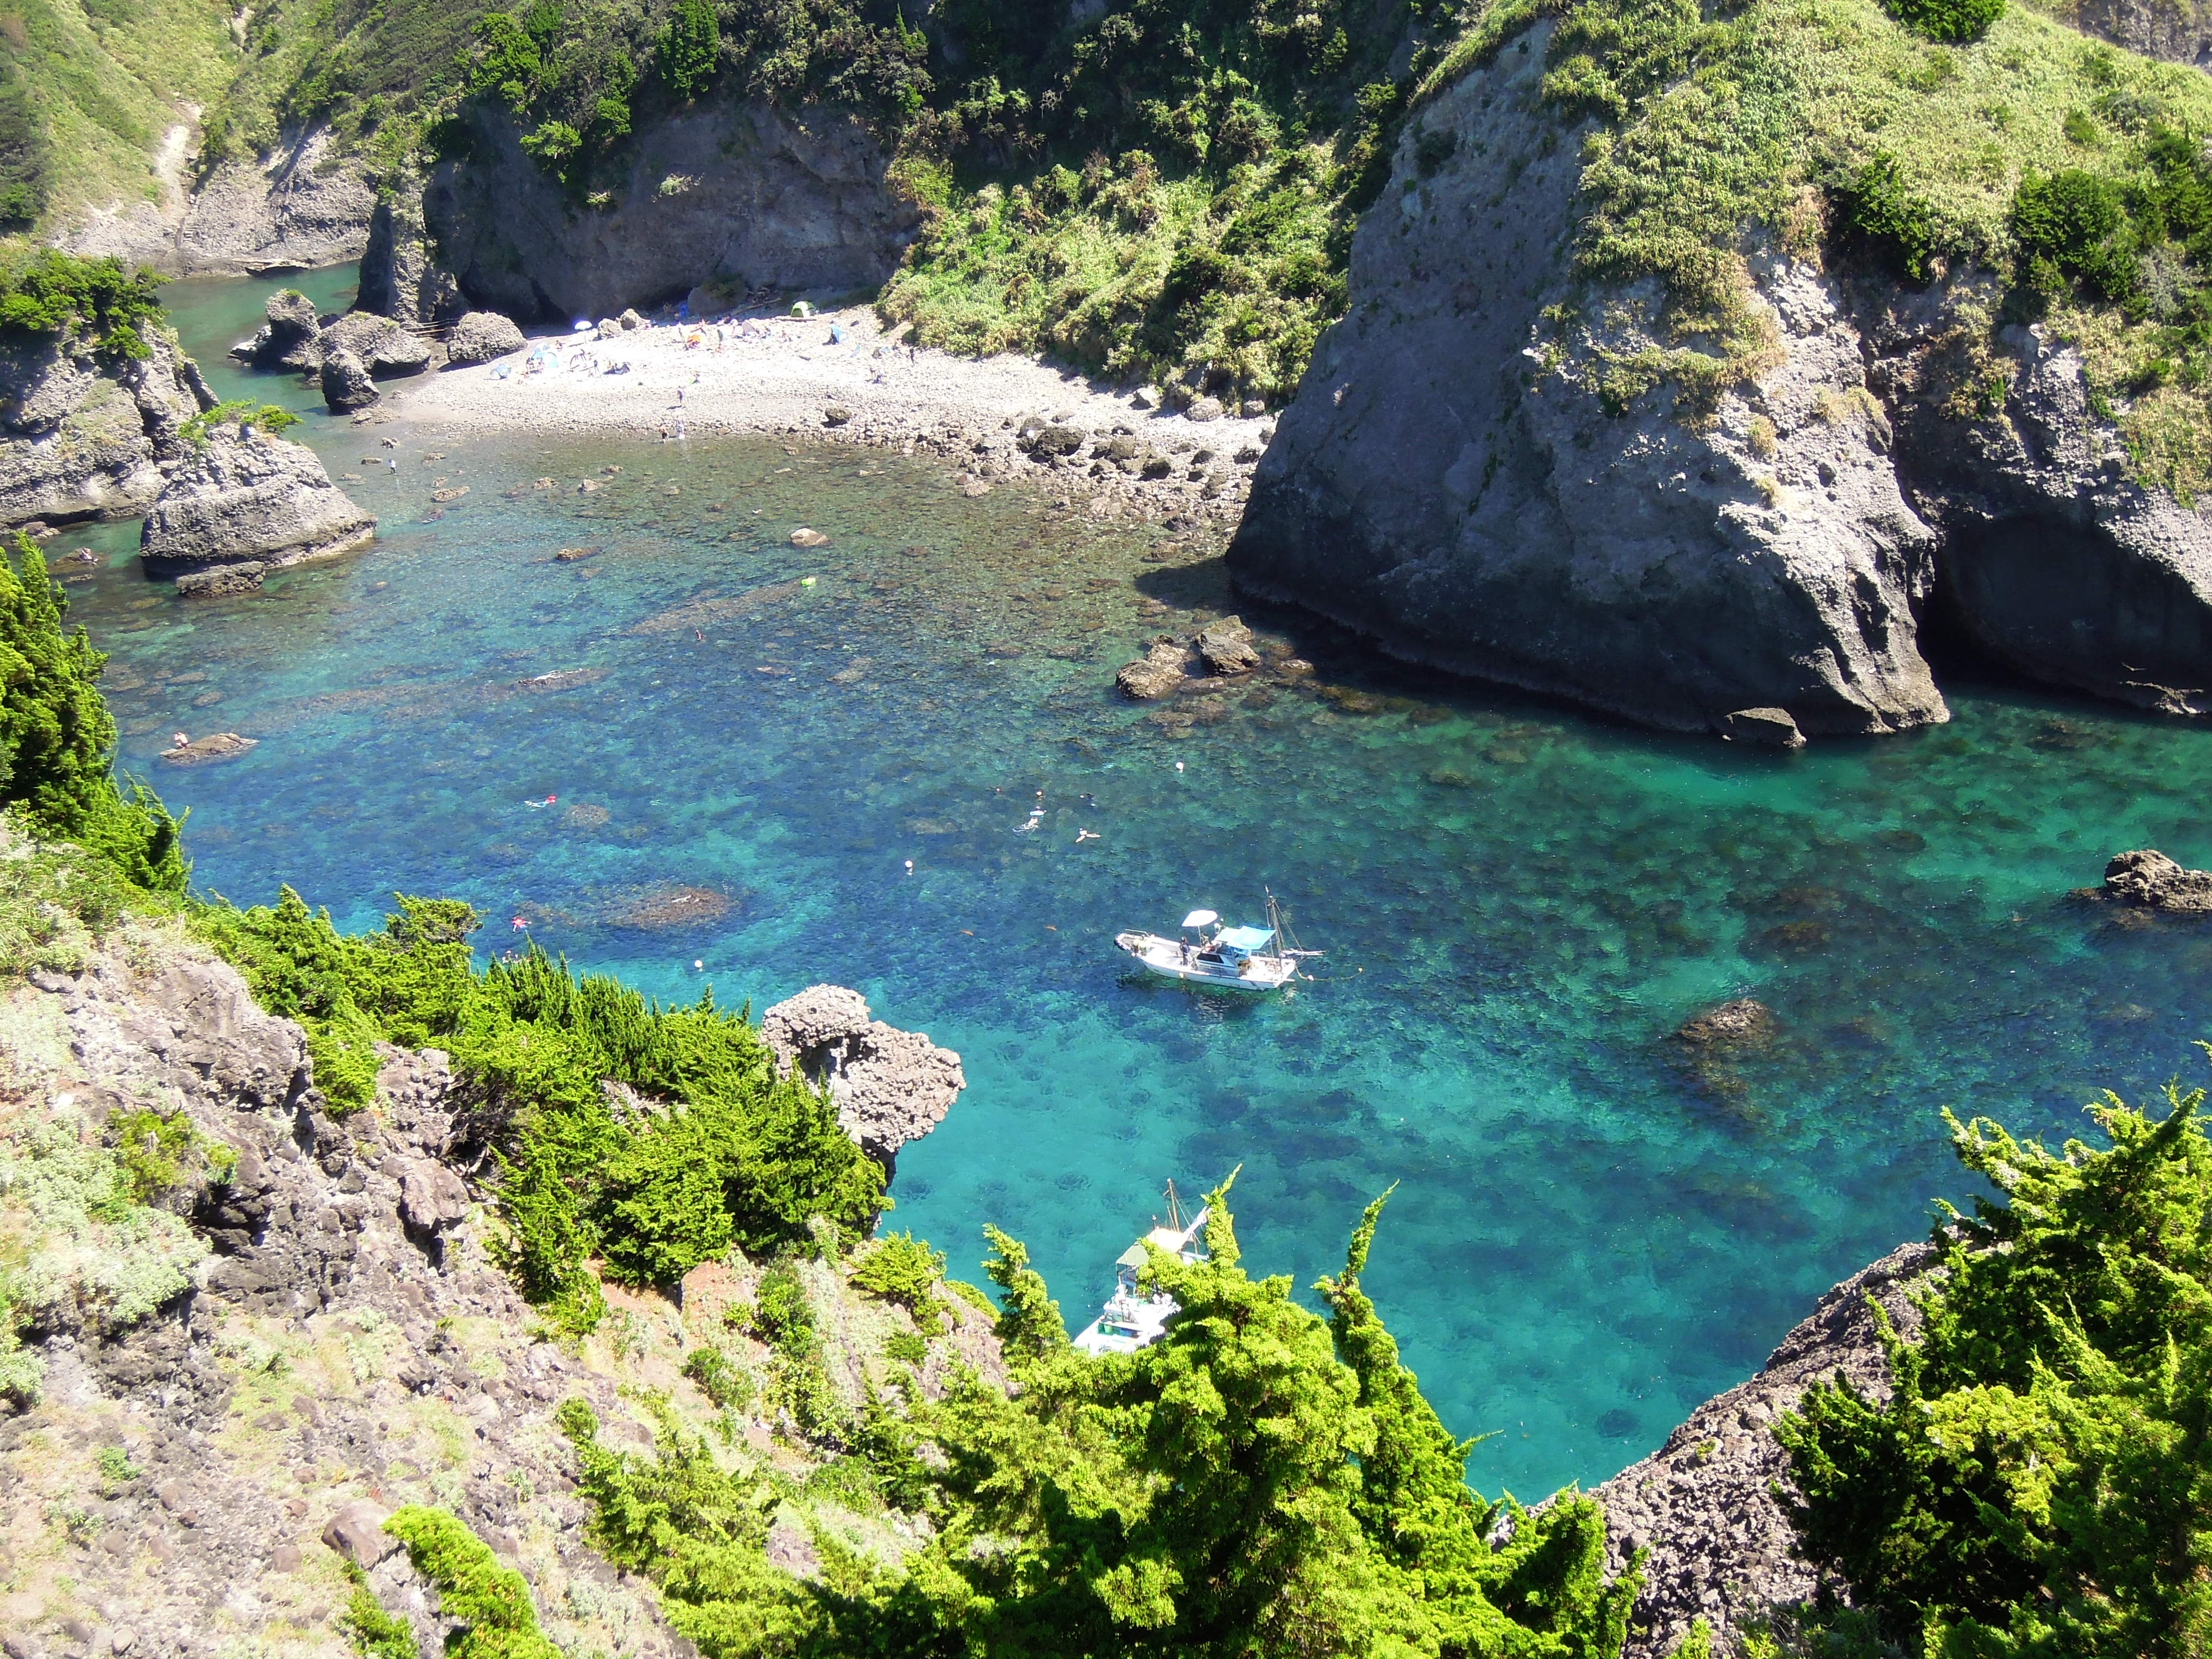 <観光協会ツアーお申込者向け>ヒリゾ浜ボート体験ダイビング